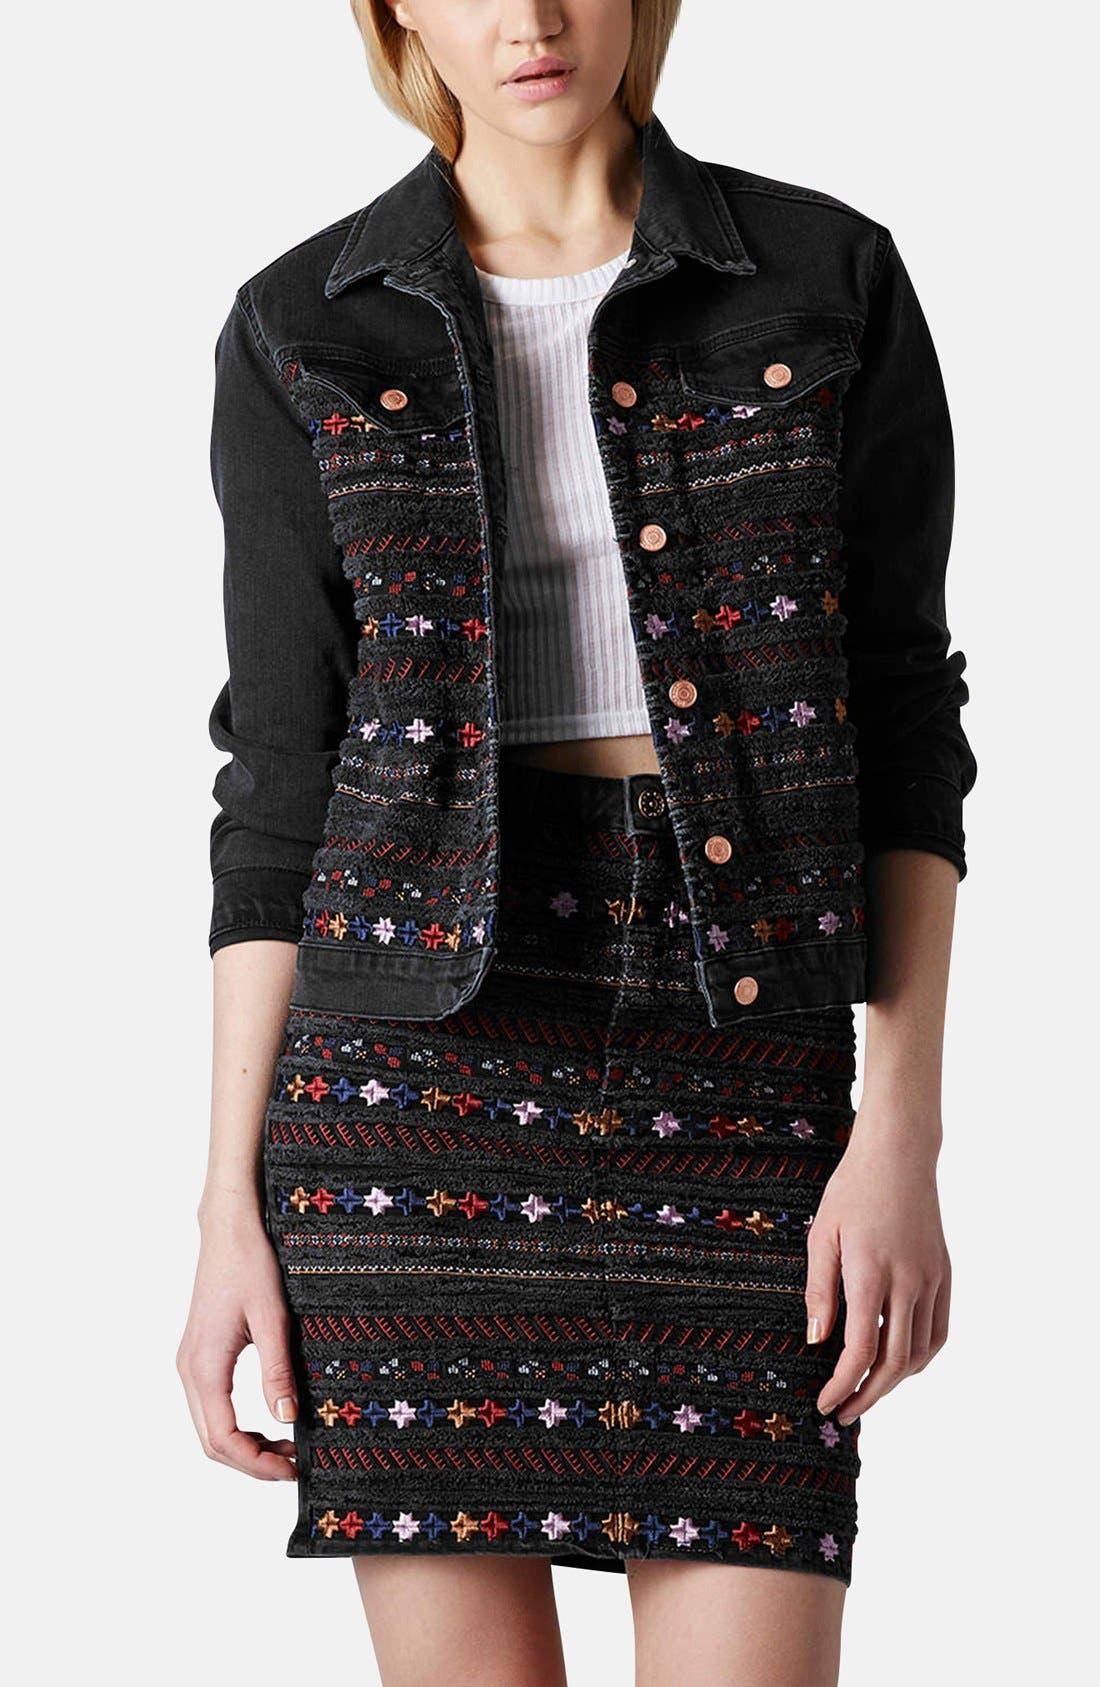 Alternate Image 1 Selected - Topshop Moto Embroidered Denim Jacket